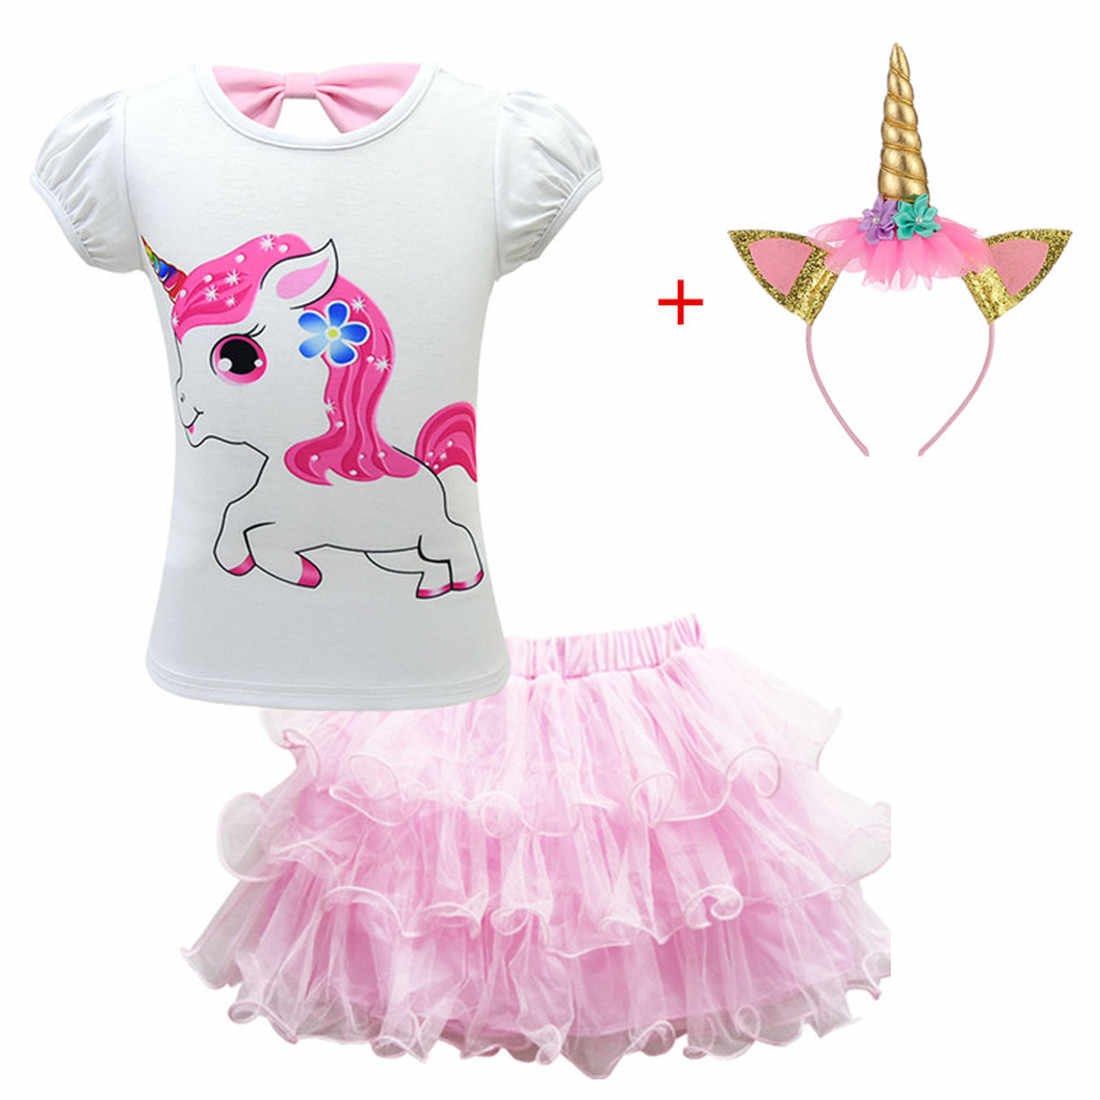 Trajes para niños niñas ropa de bebé conjunto de moda 2019 unicornio lol patrón camiseta falda de encaje lindo niños para cumpleaños fiesta